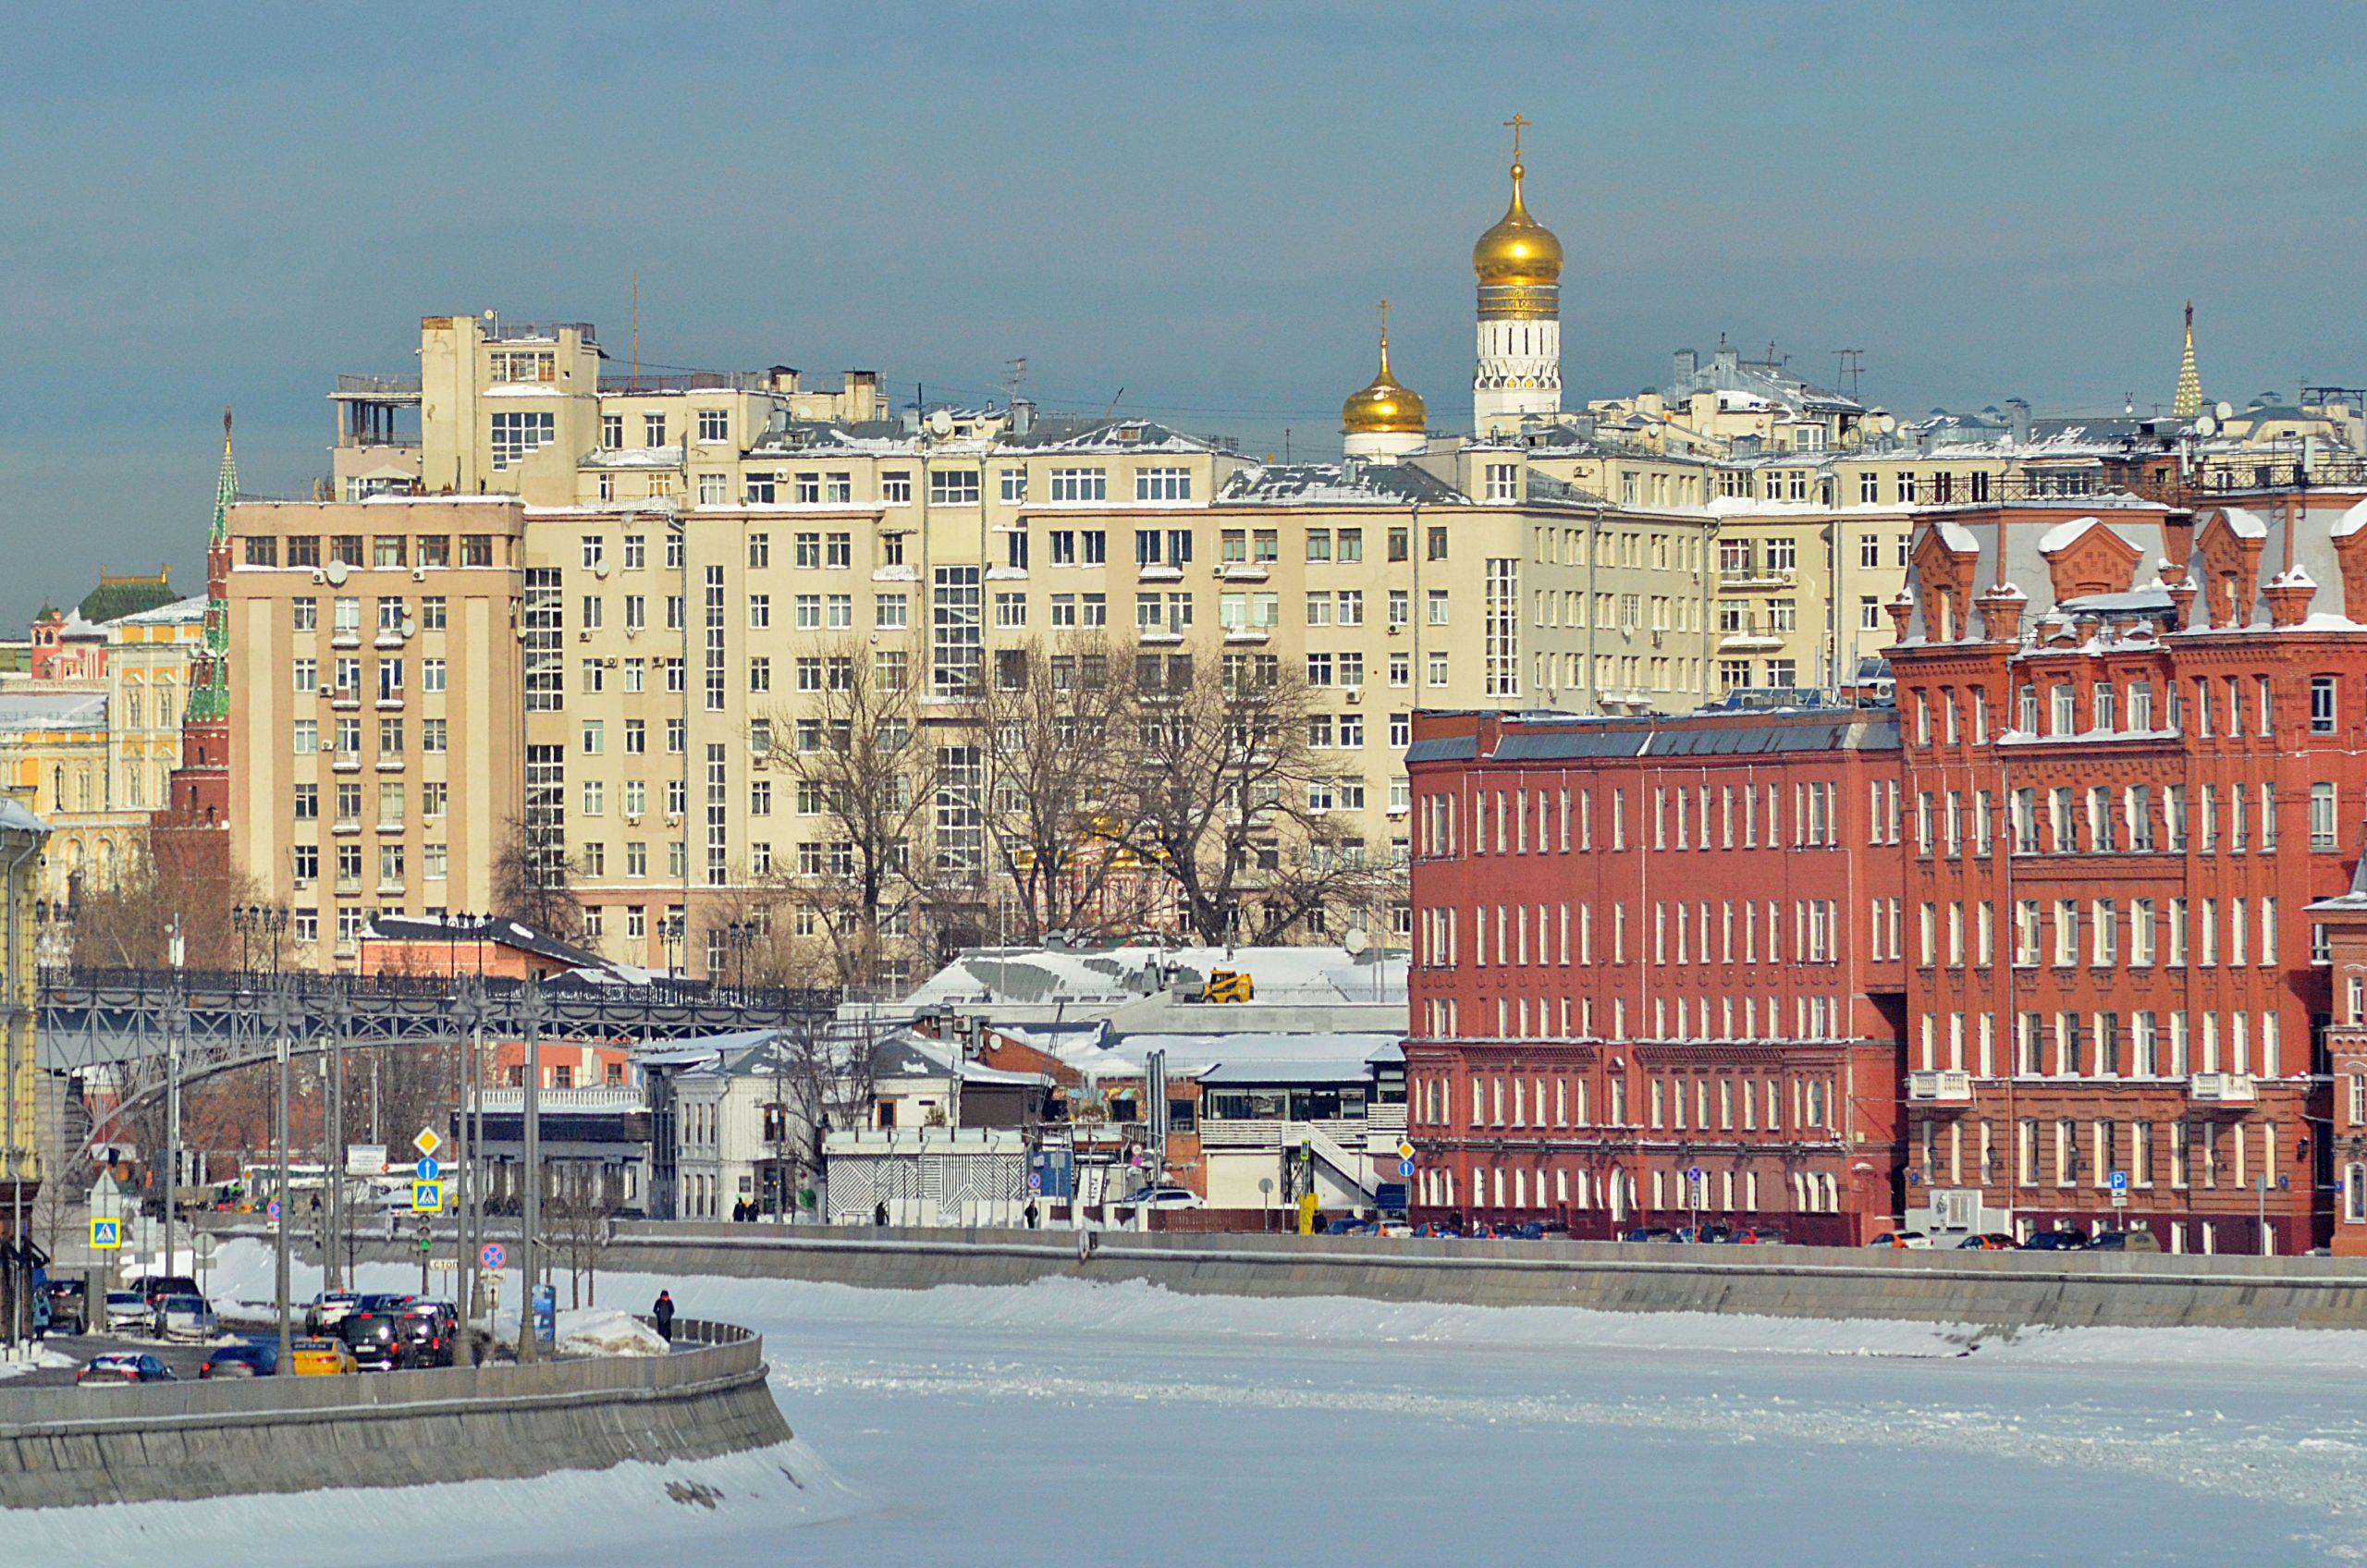 Ремонт столичных кинотеатров «Москино» продолжат. Фото: Анна Быкова